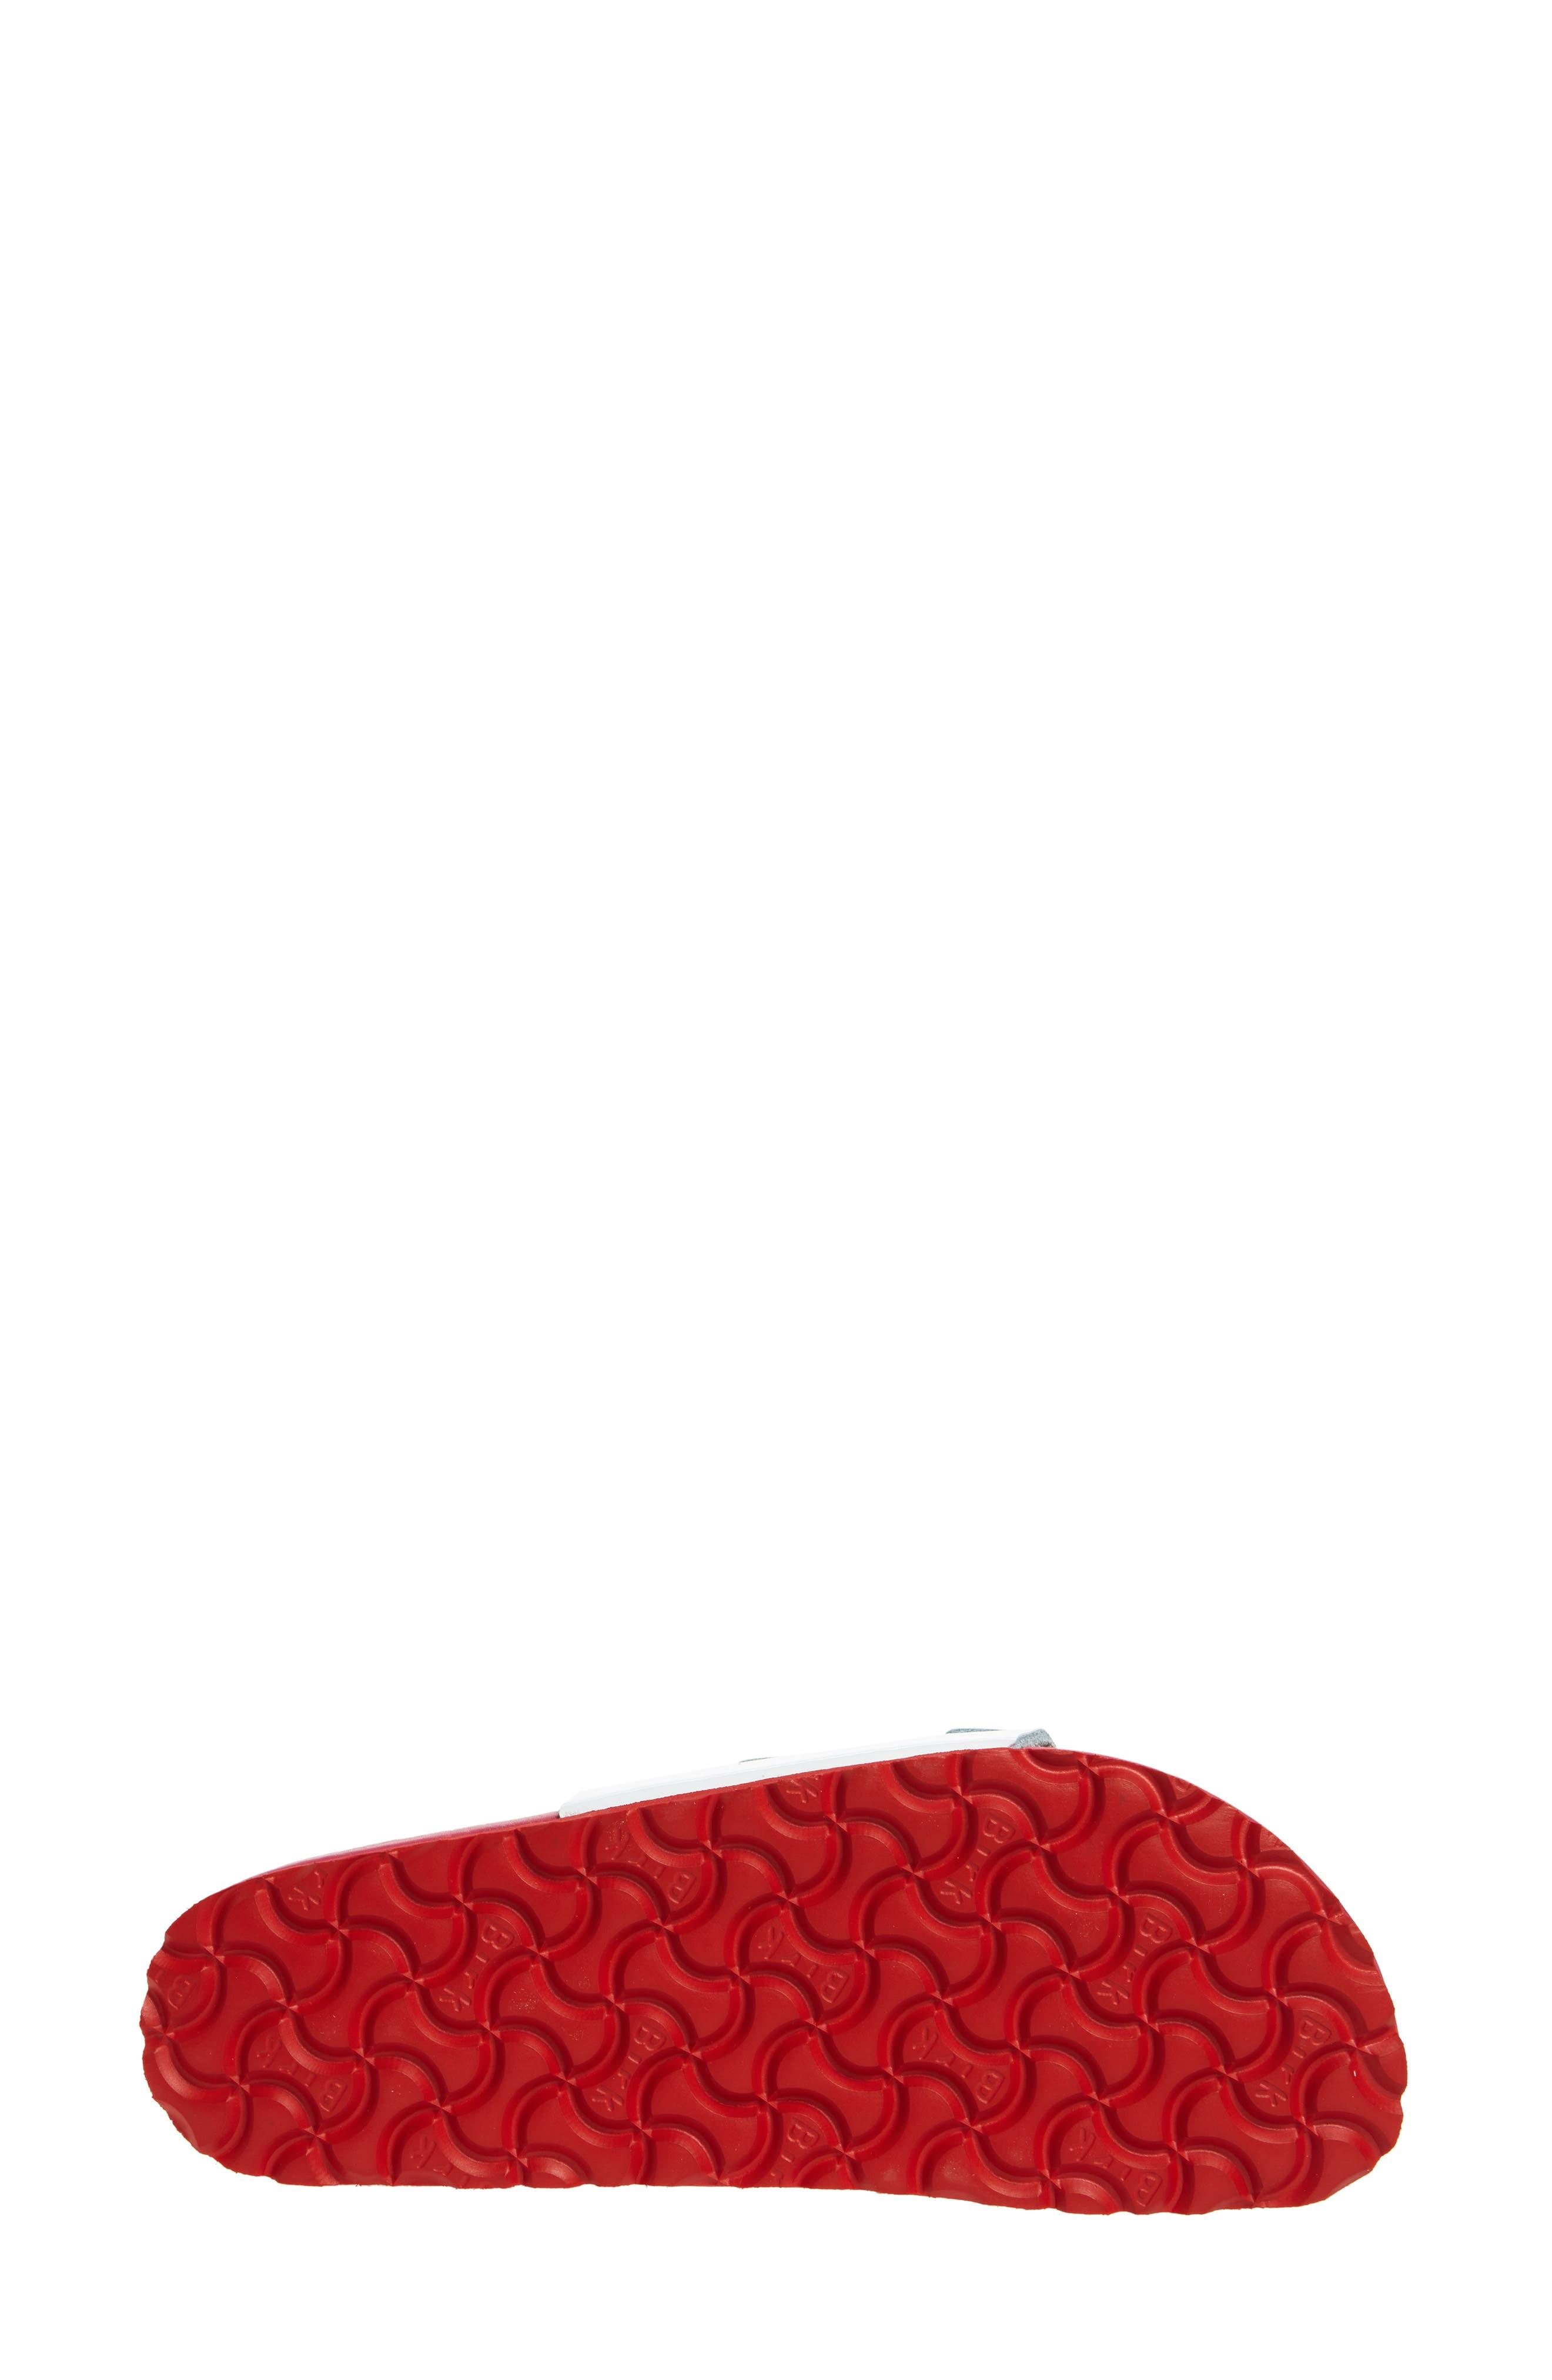 Vaduz Exquisite Limited Edition - Shock Drop Sandal,                             Alternate thumbnail 6, color,                             White Leather